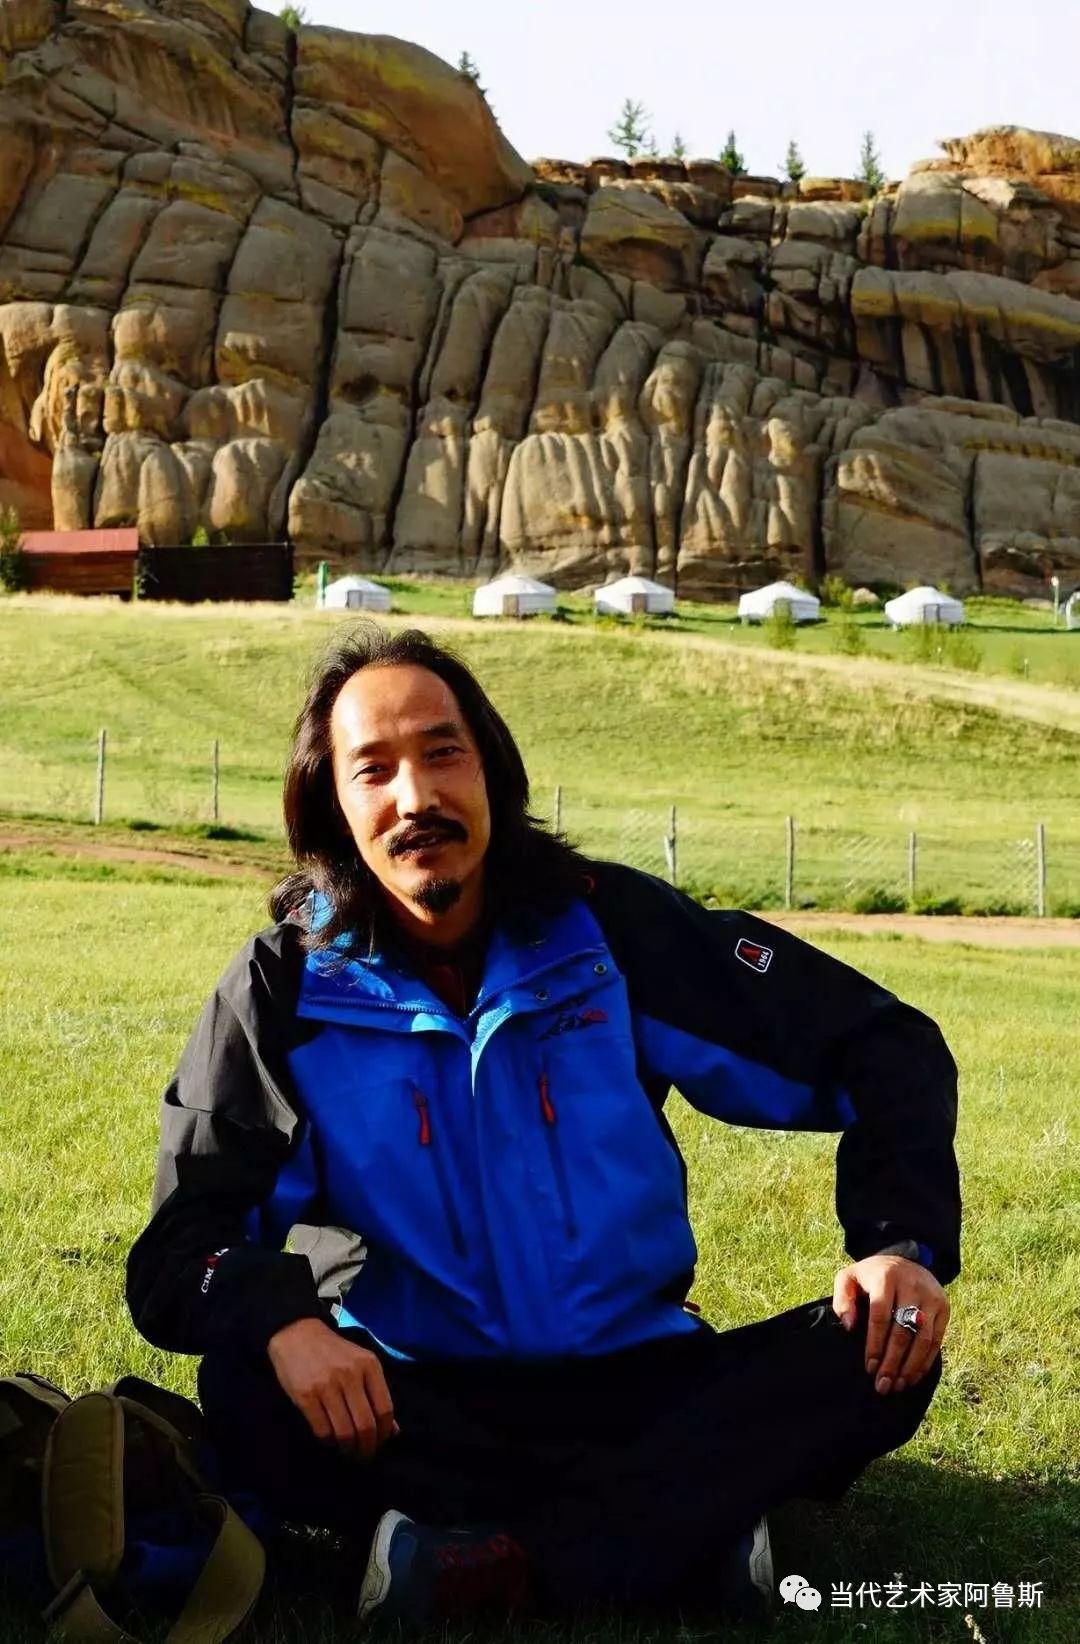 《艺术世界本期专访》蒙古族版画家德力格仁贵艺术之路